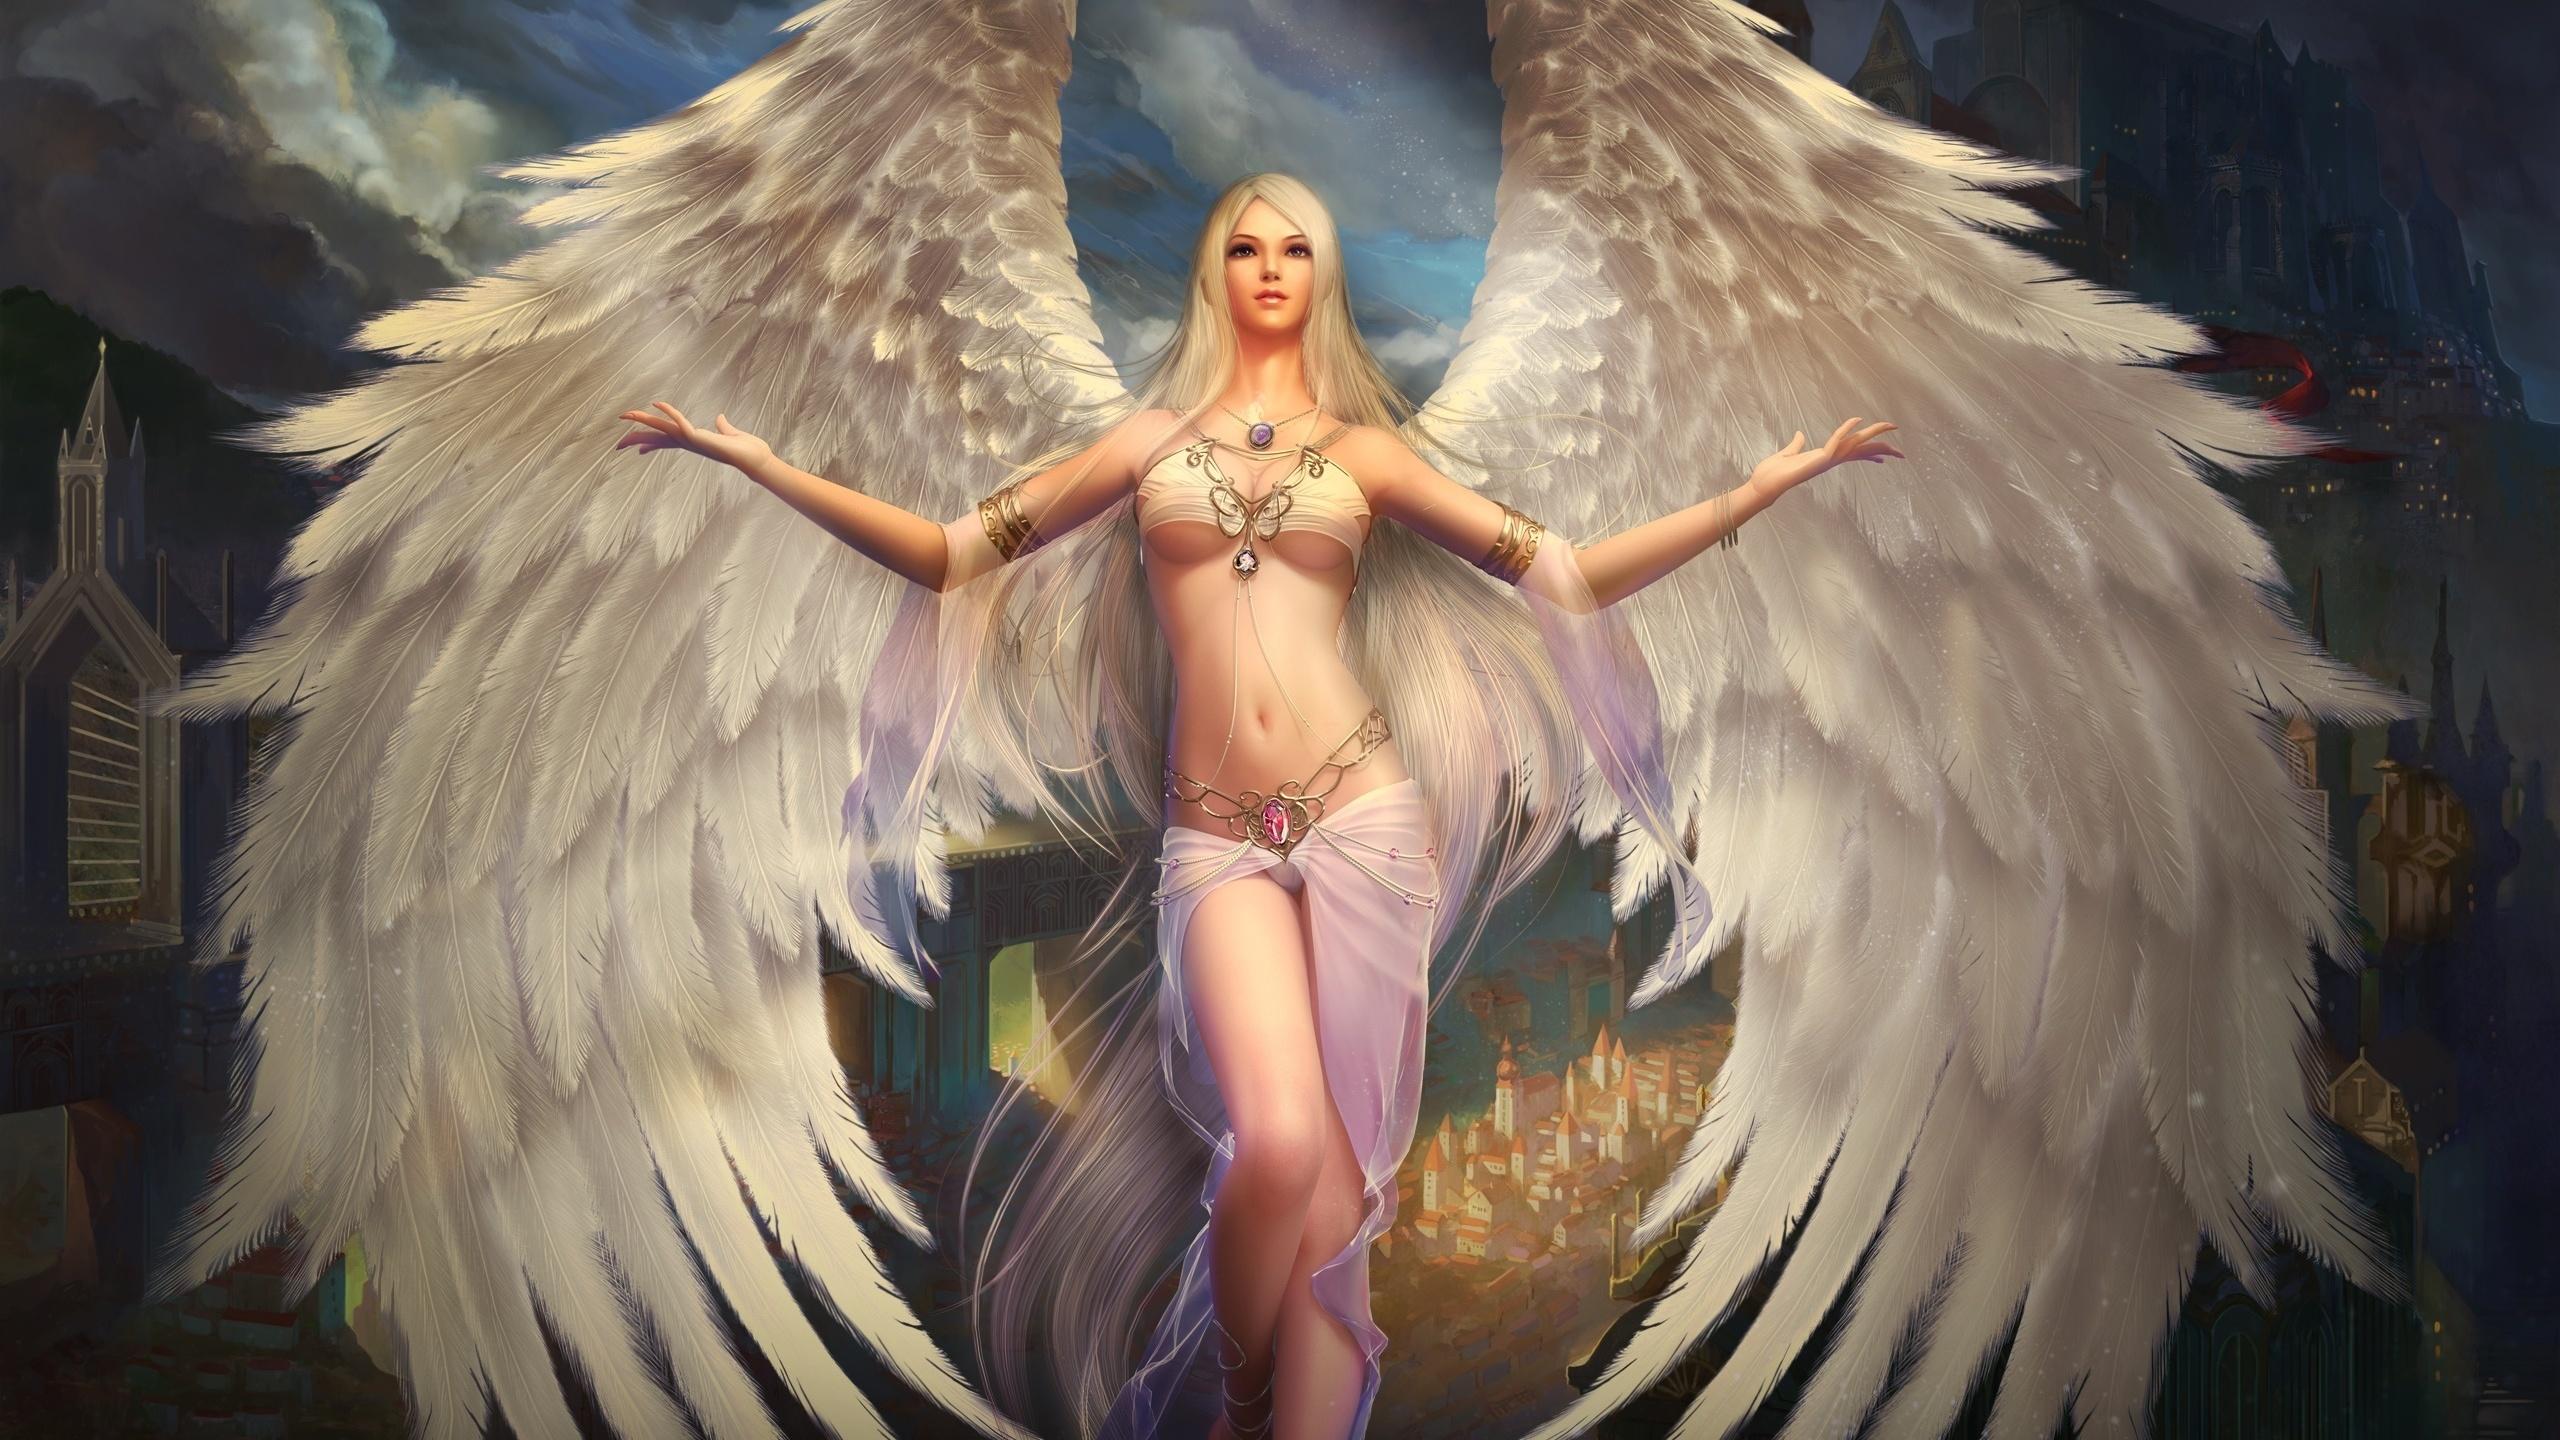 Красивые картинки с ангелами девушками, дня хорошего